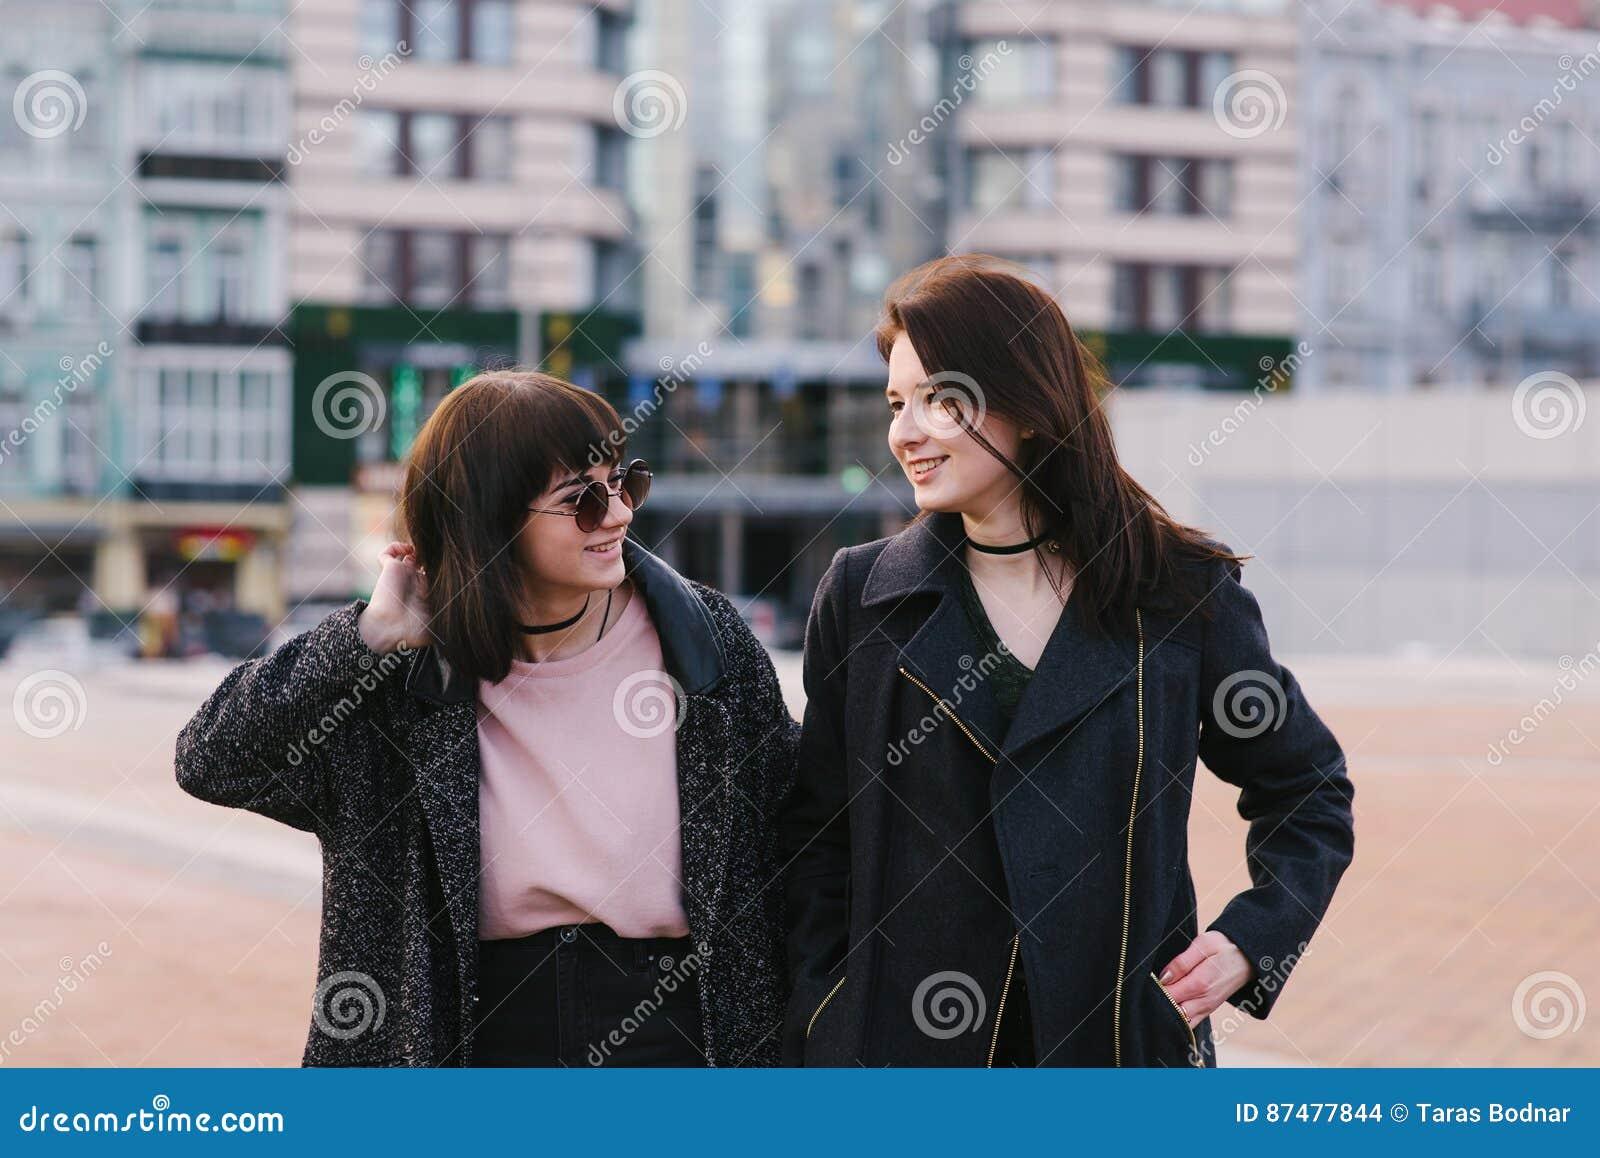 Retrato do estilo de vida da rua de dois bonitos, do sorriso e das meninas muito à moda que cidade do hulyayutpo no dia de mola